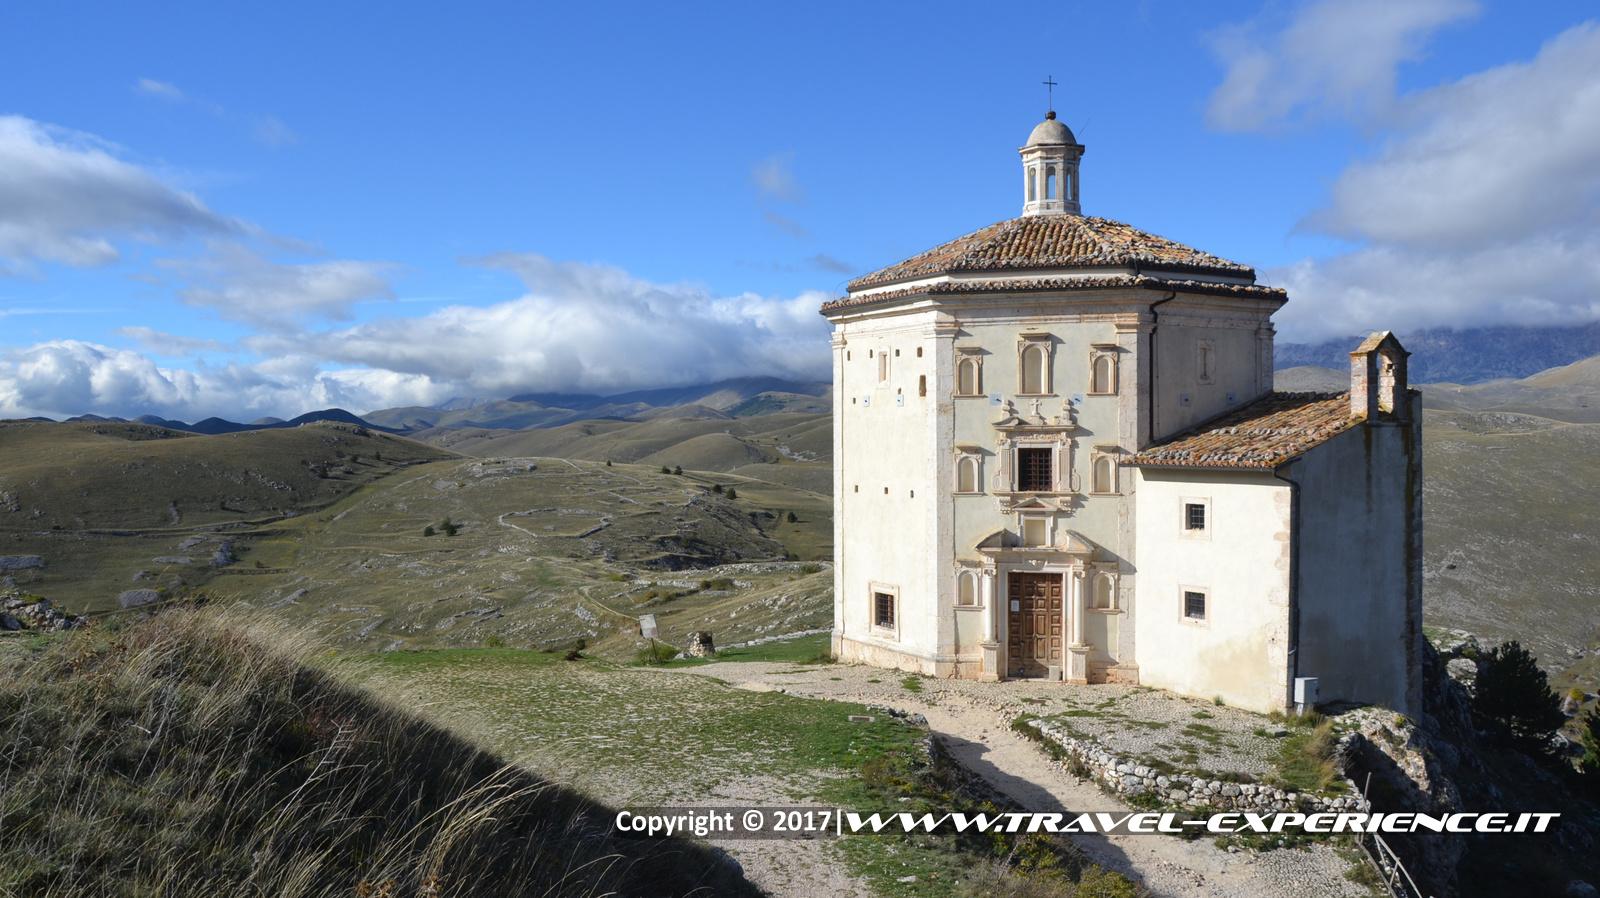 Foto tempietto a Rocca Calascio